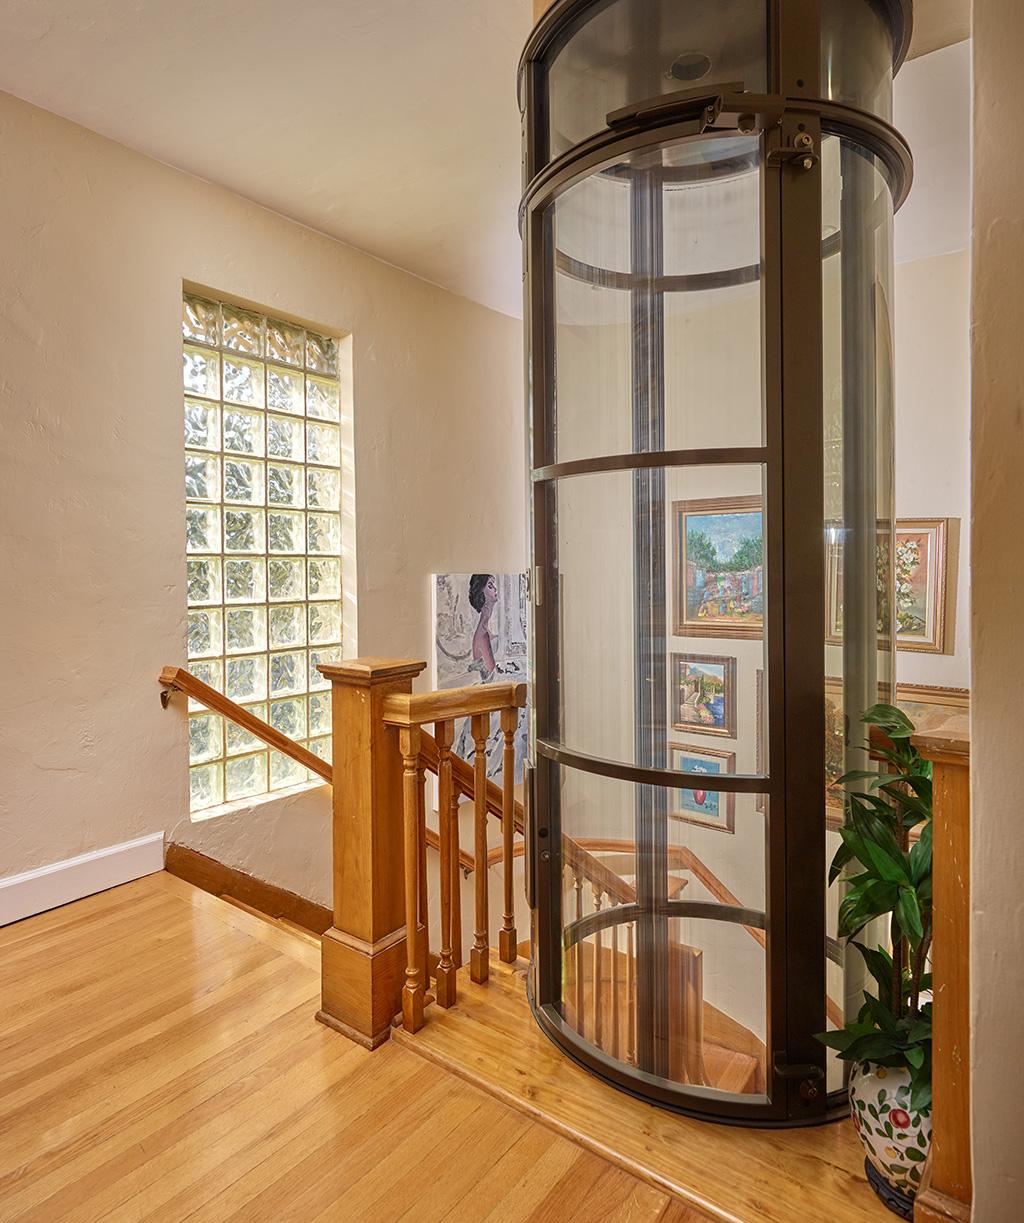 Thang máy kính mang đến tầm nhìn toàn cảnh cho ngôi nhà